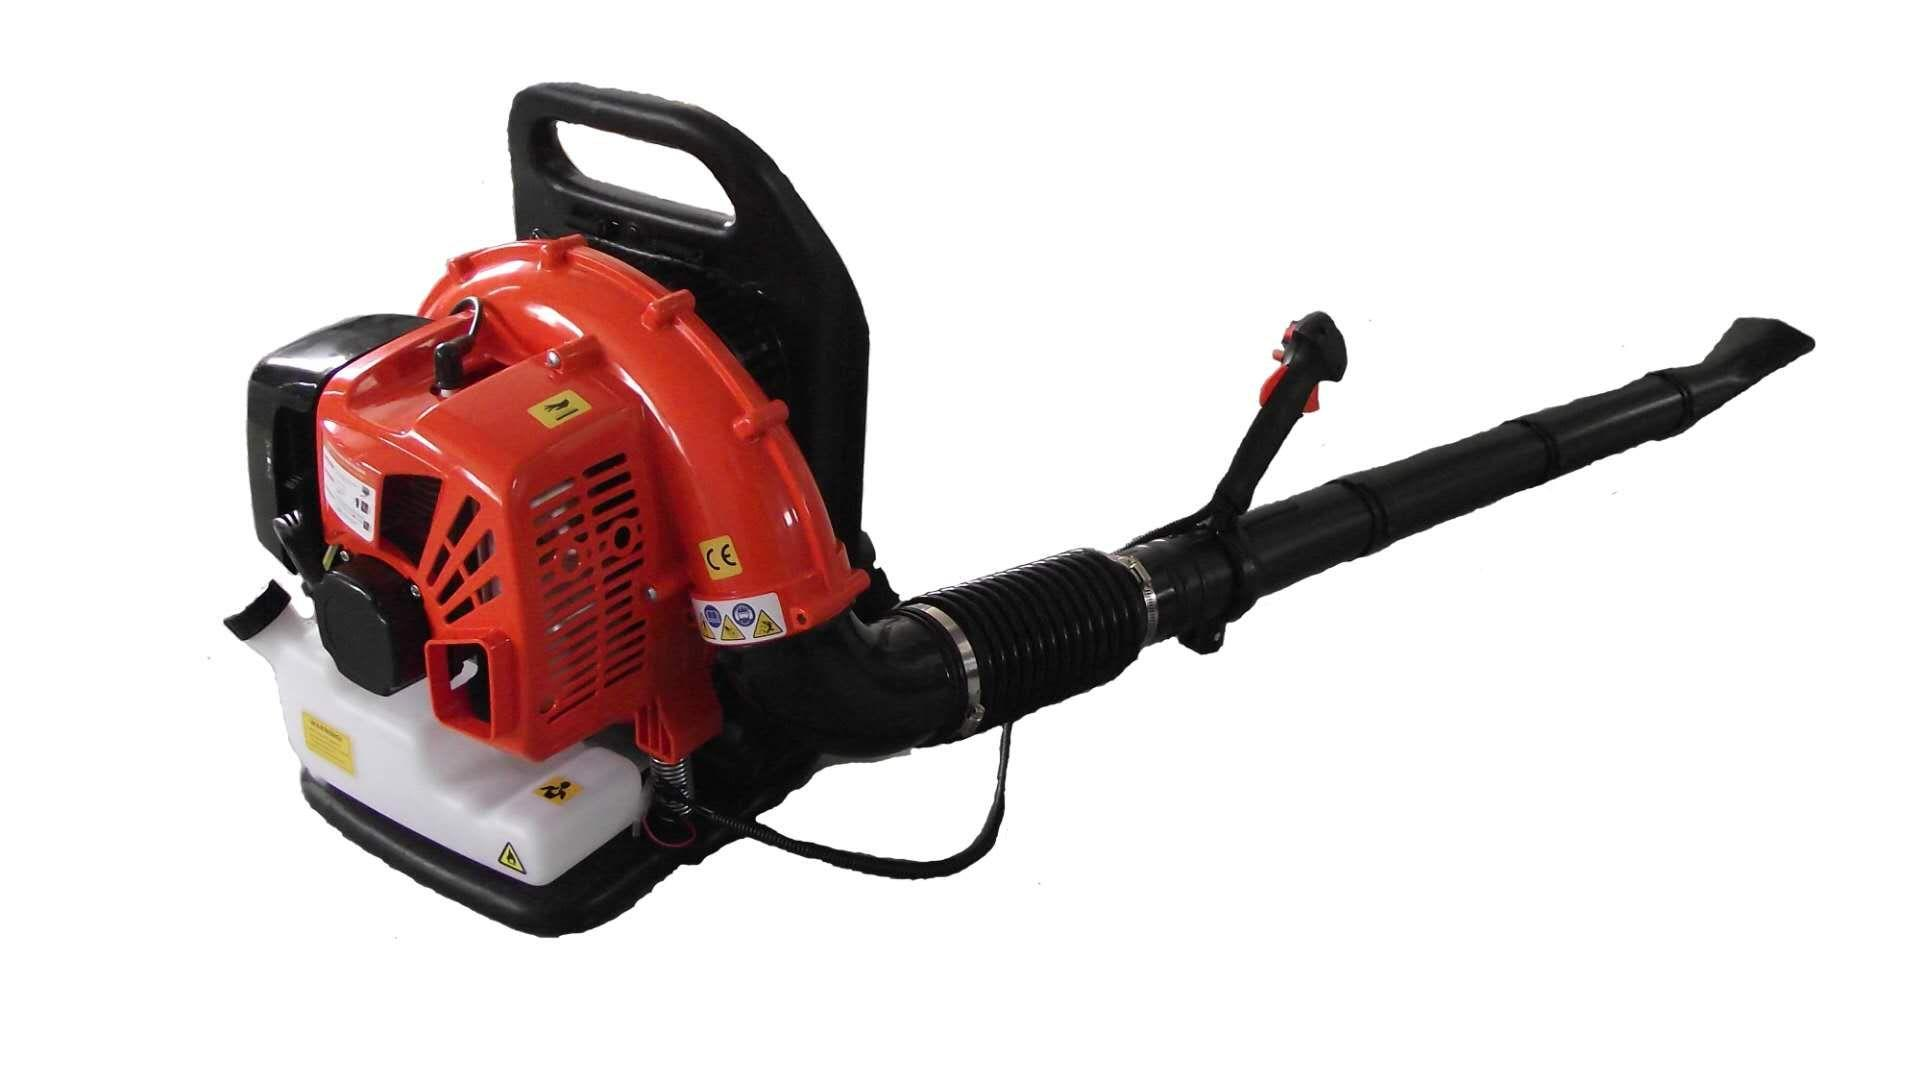 帶歐五CE揹負式大風力森防滅火機道路綠化吹風清掃機 1